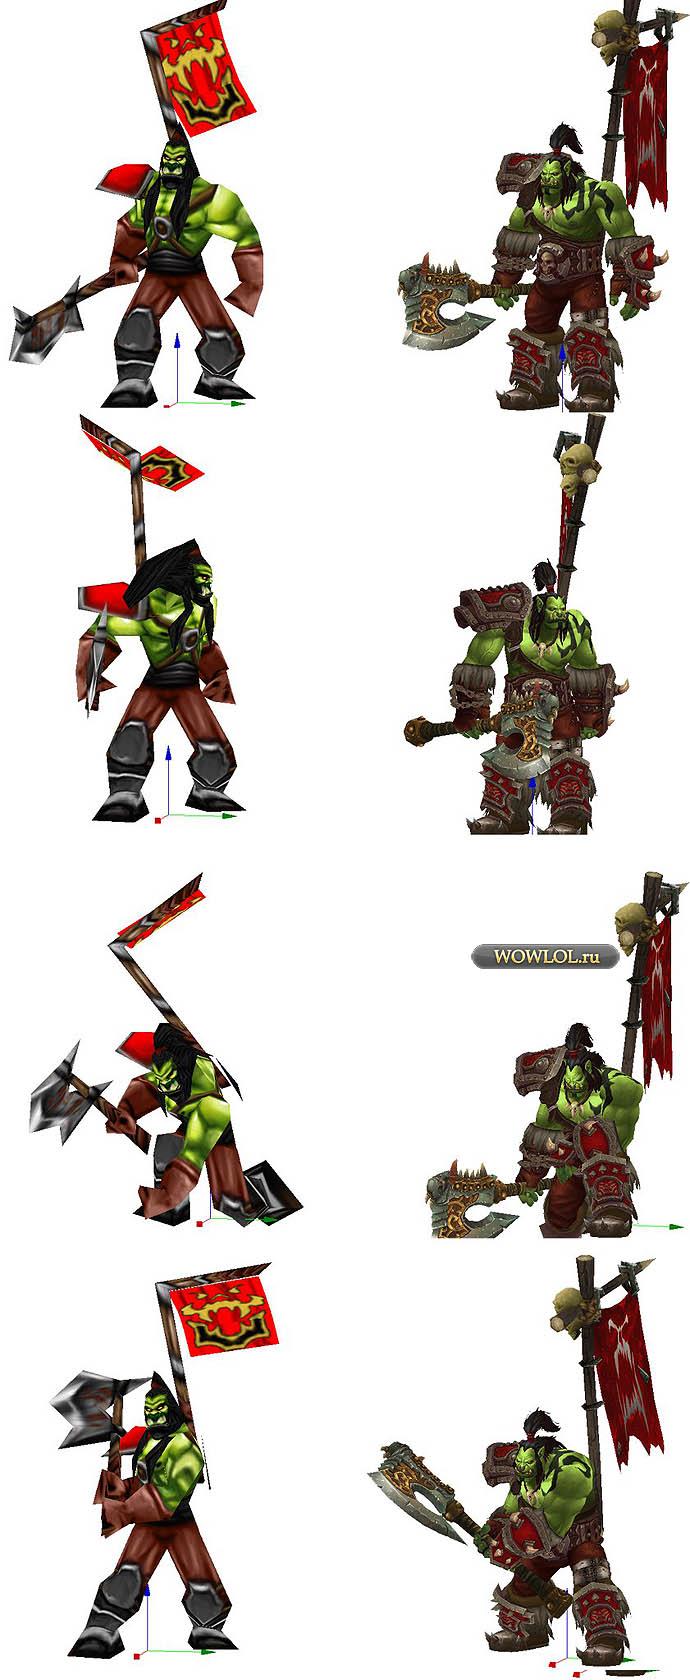 Громмаш из ремейка warcraft 3